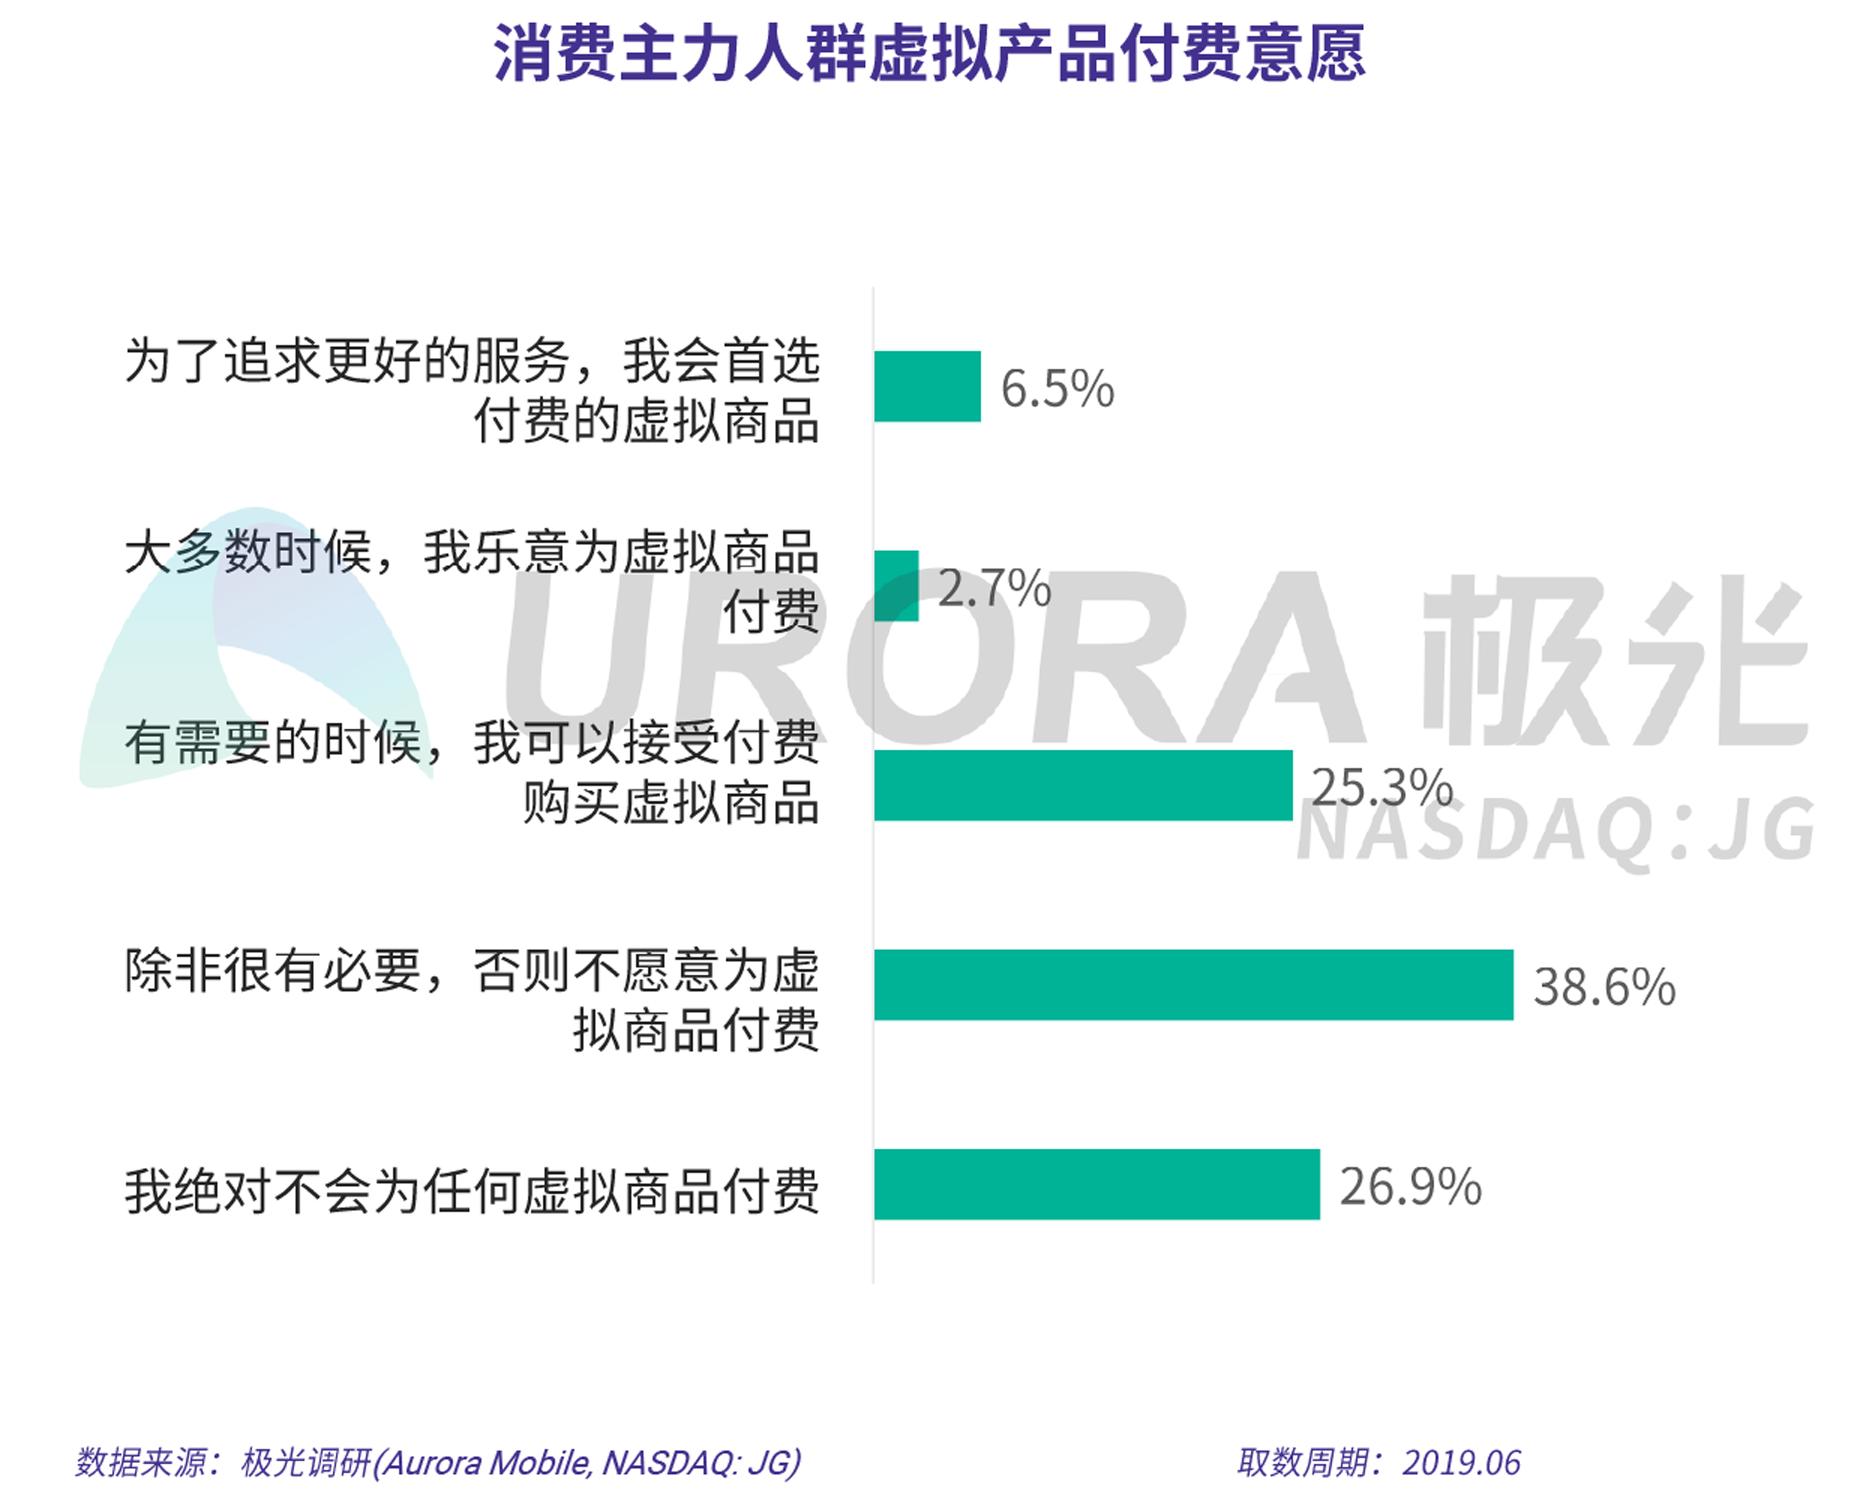 2019年消费主力人群虚拟产品付费研究报告-V5-7.png